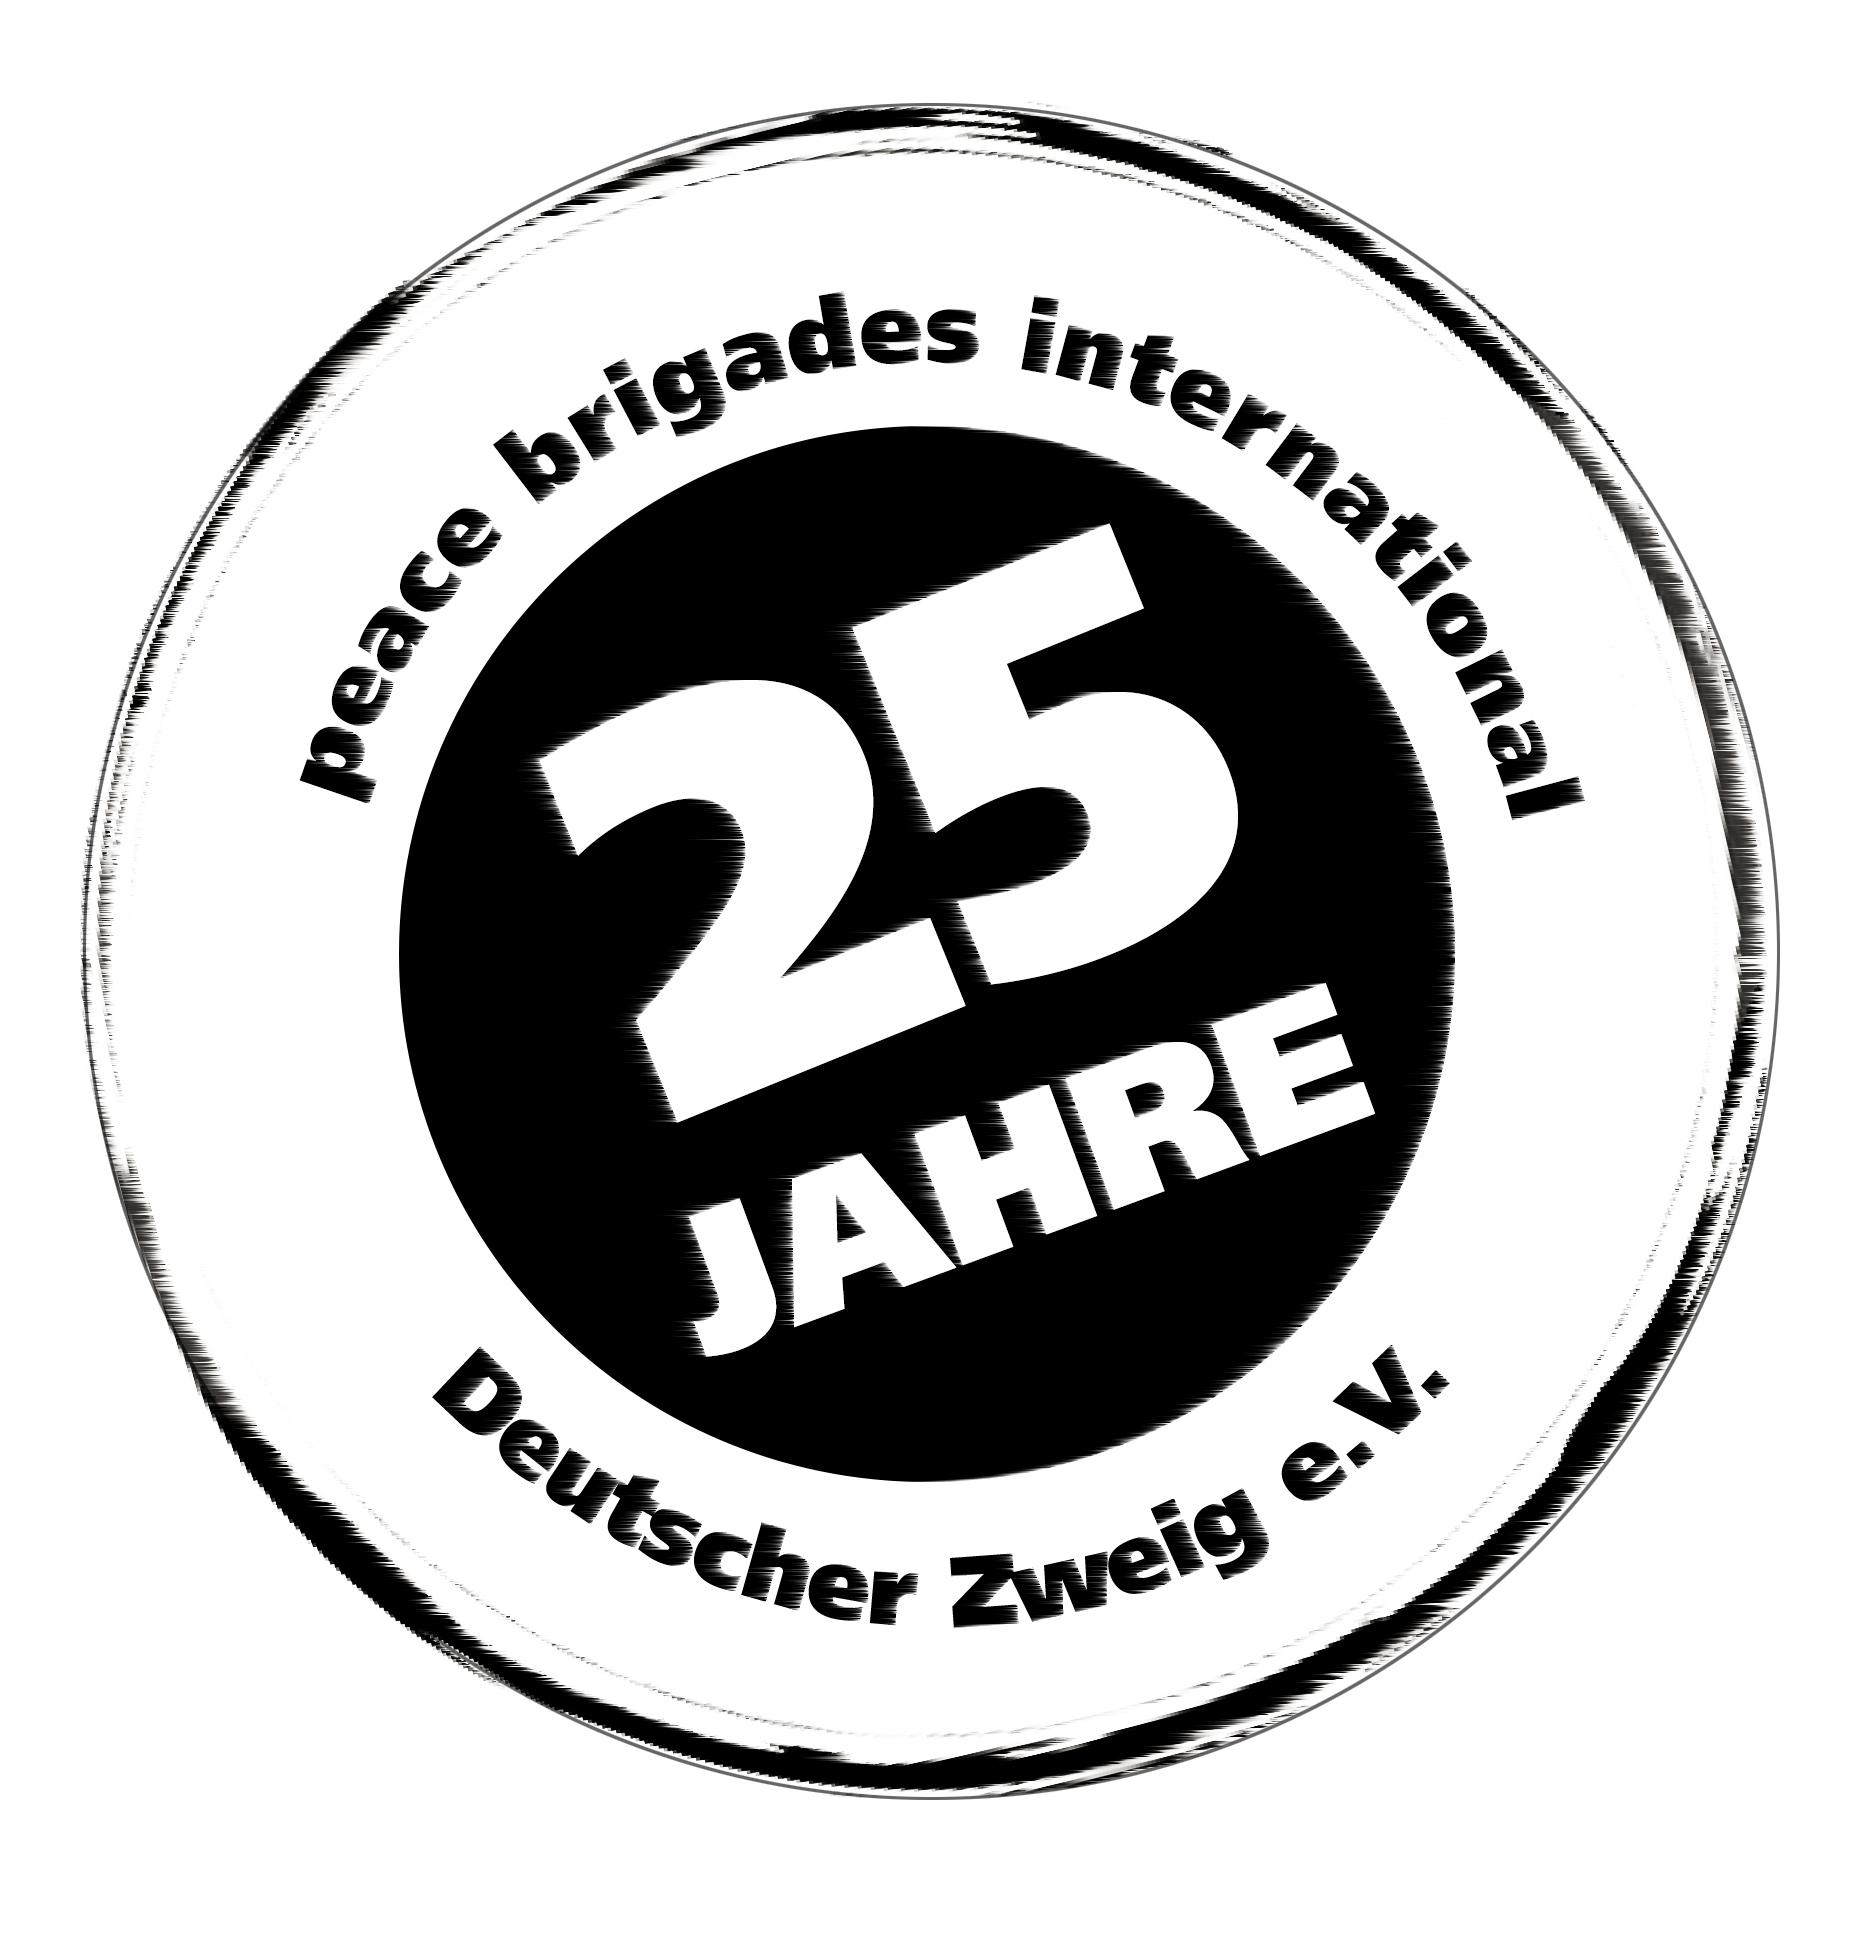 pbi Deutschland feiert 25-jähriges Bestehen